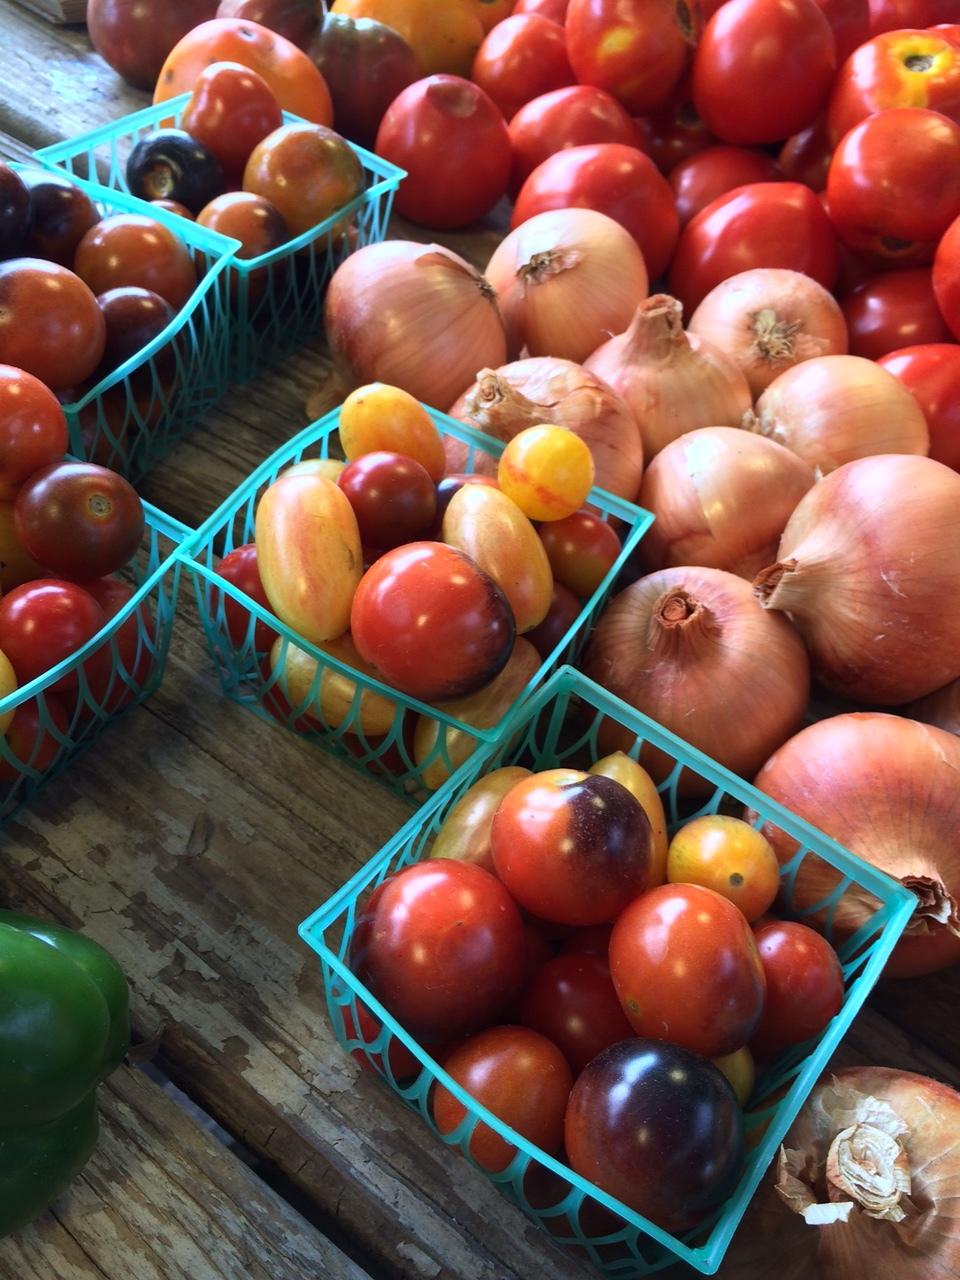 tomatoes nfm.JPG